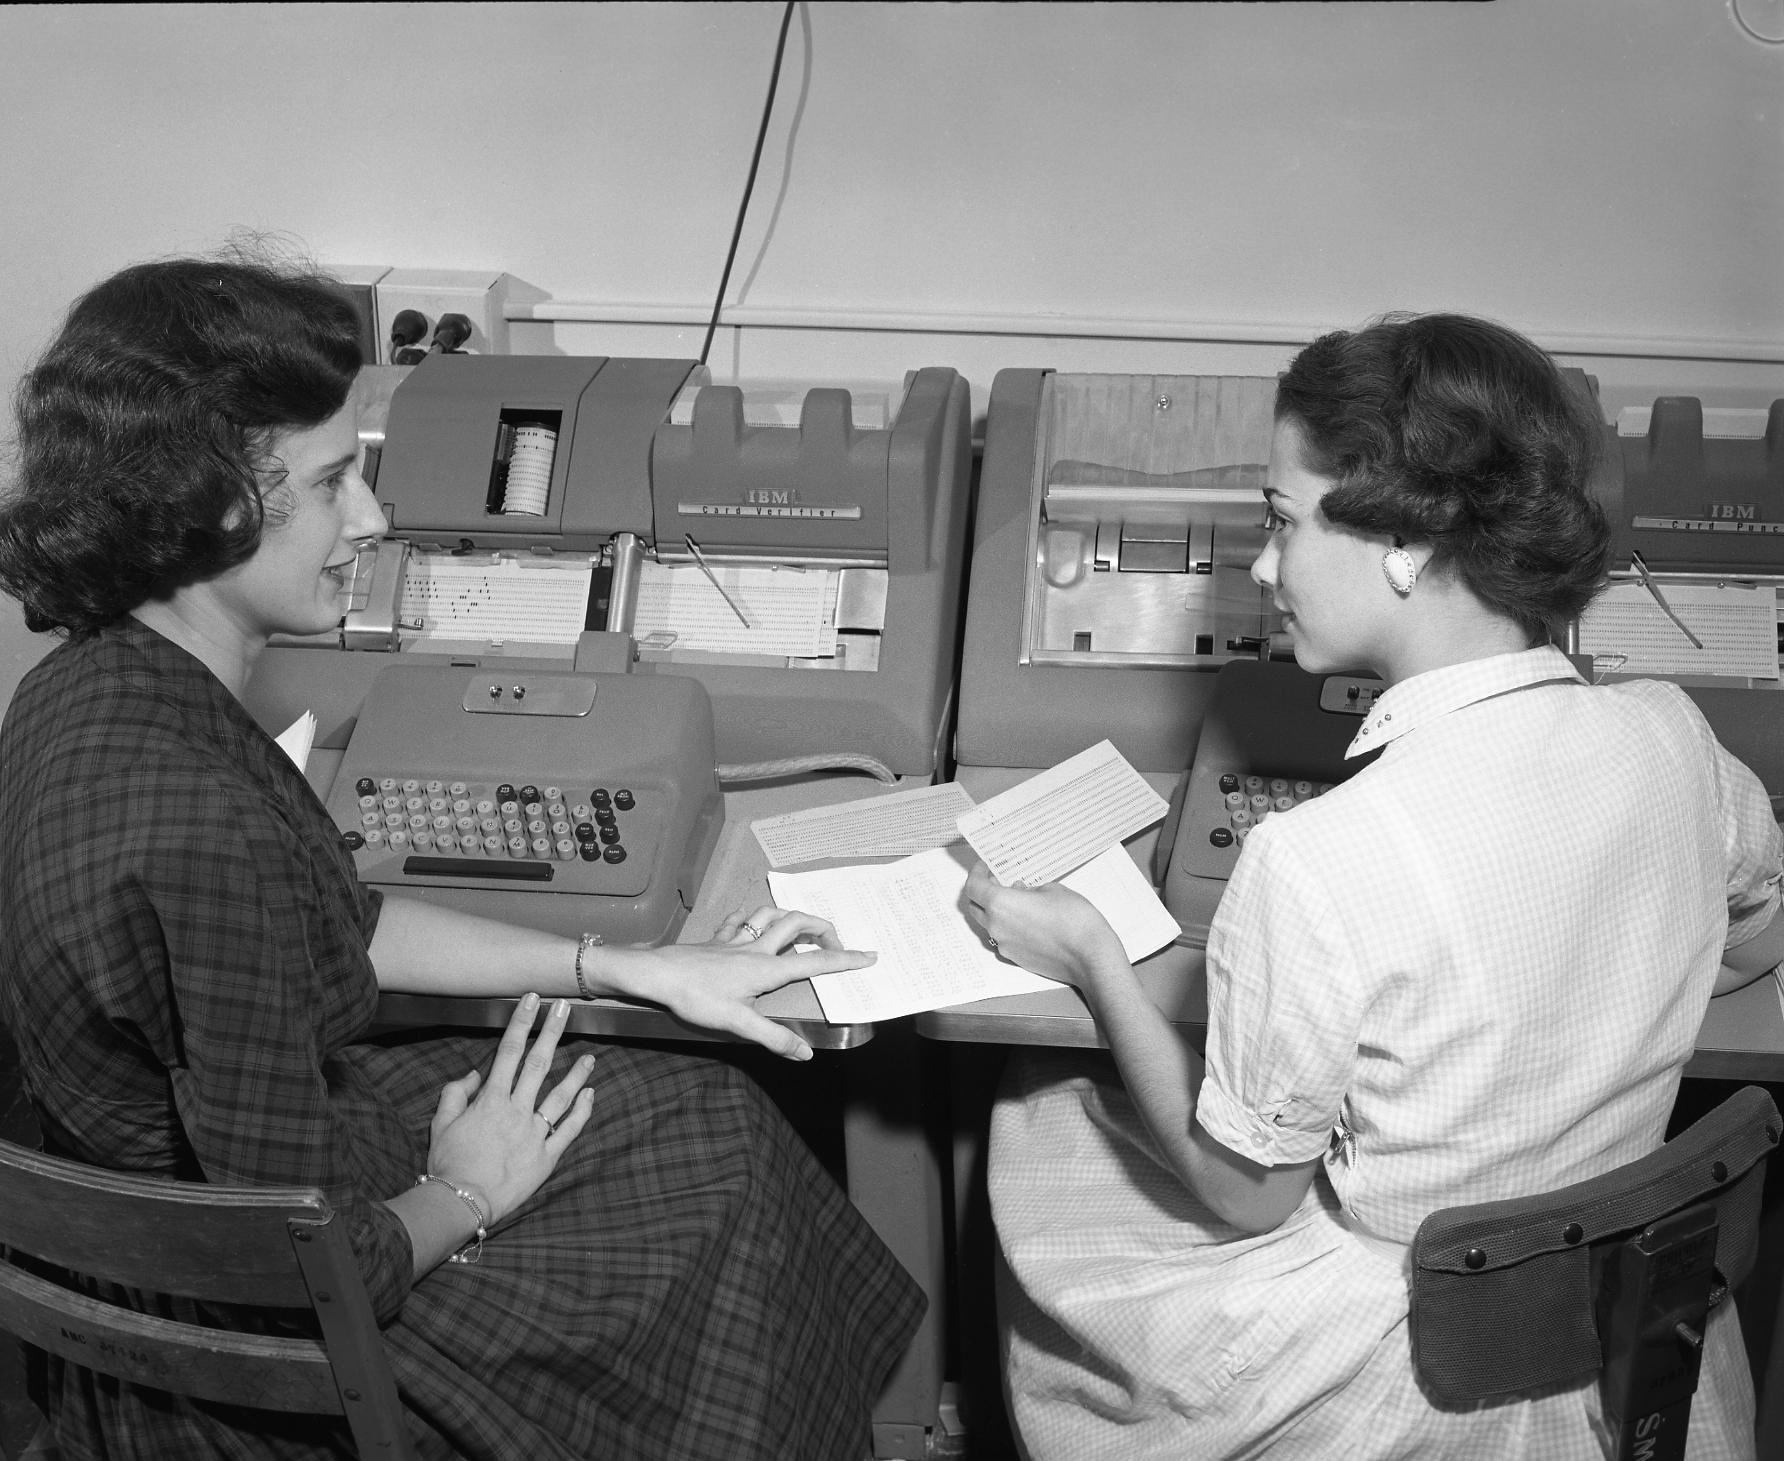 Women in the 50s